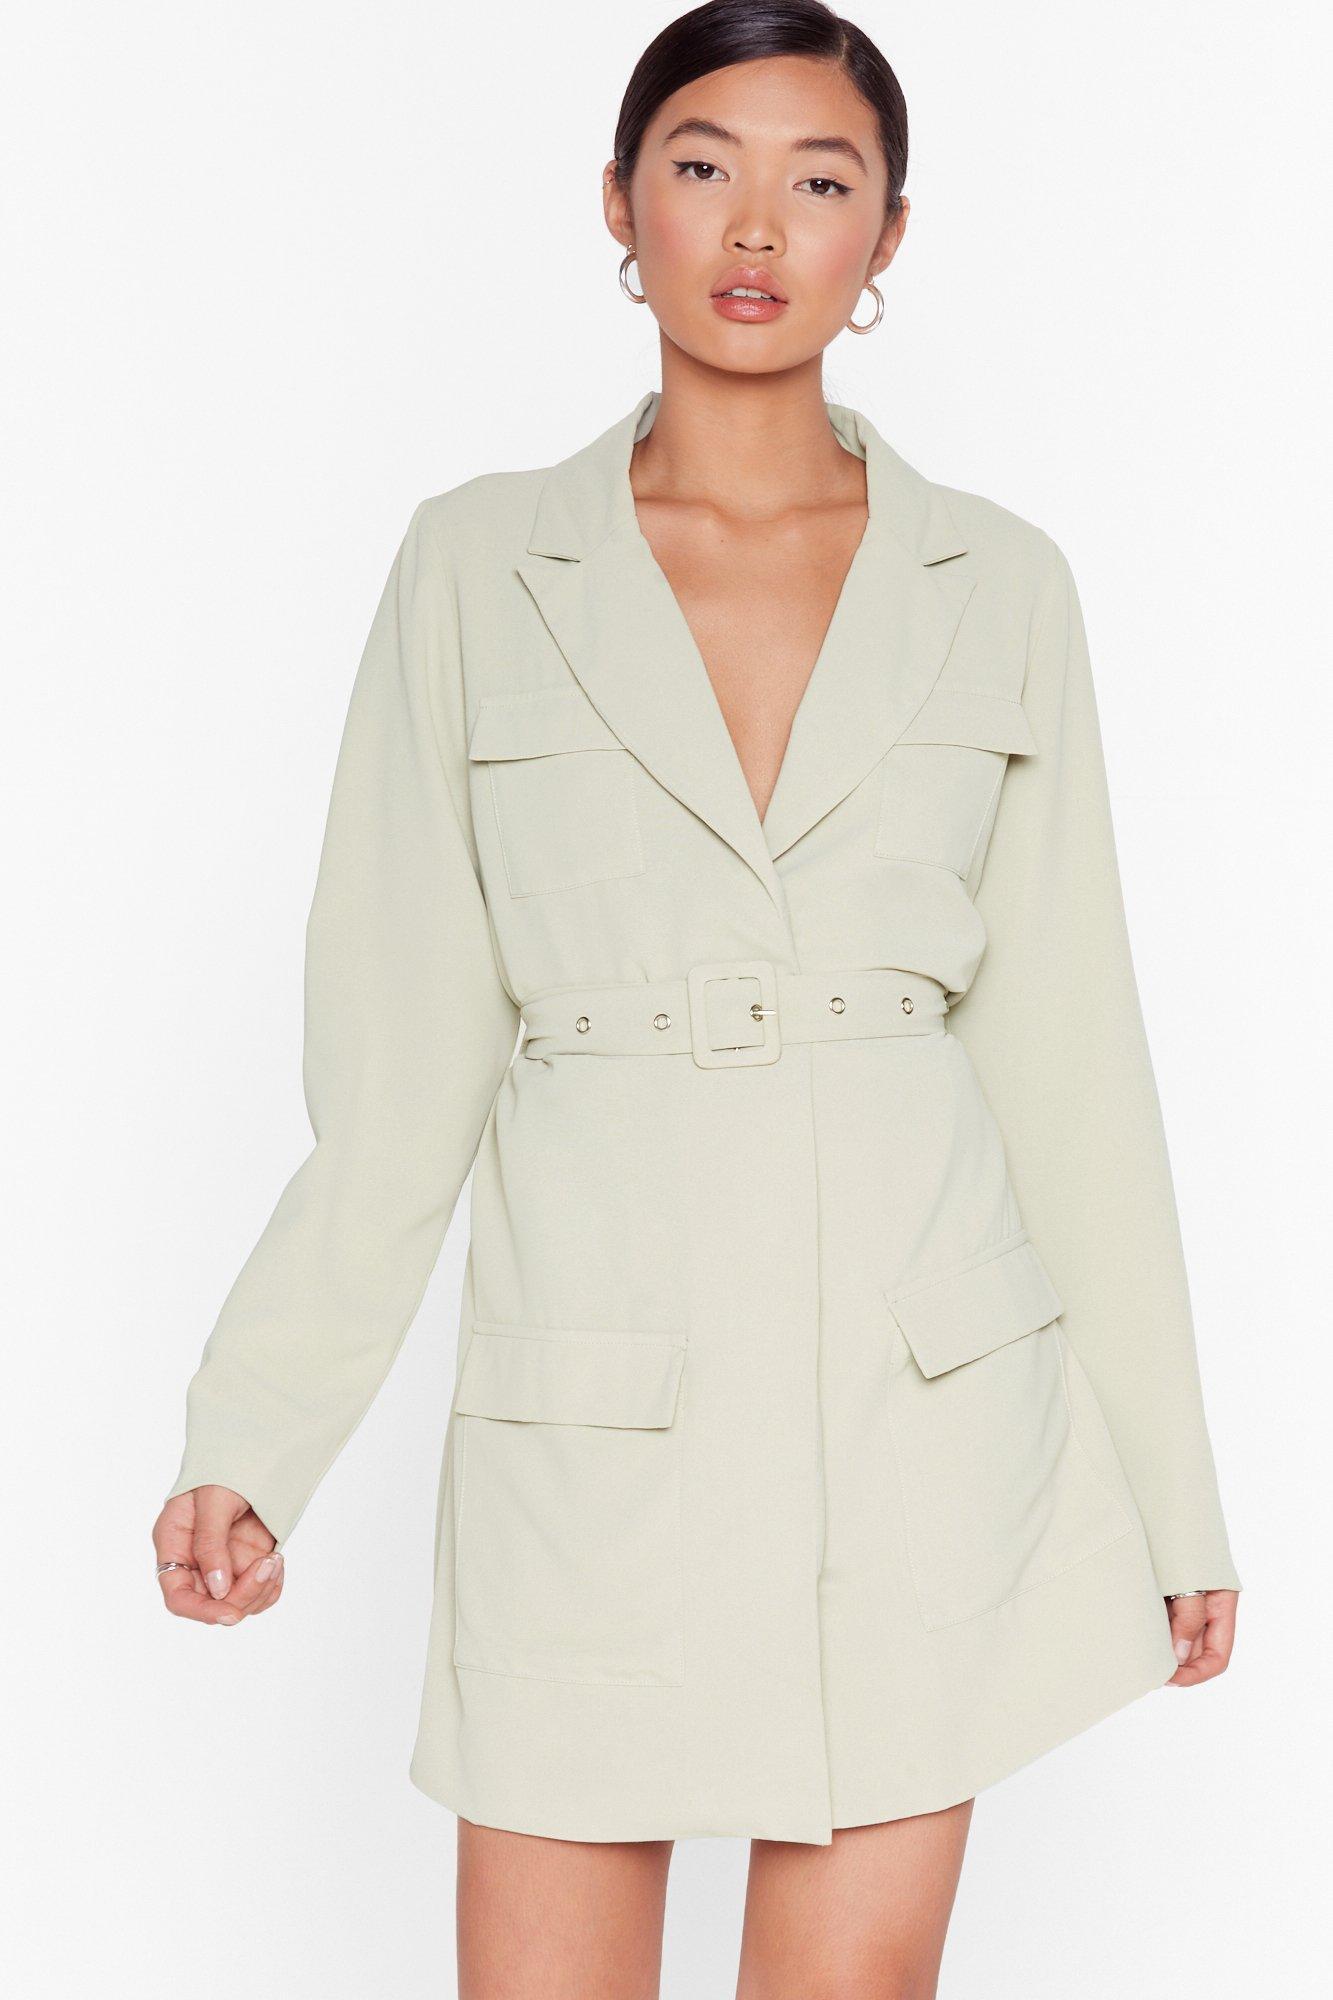 Image of Pocket Off Belted Blazer Dress